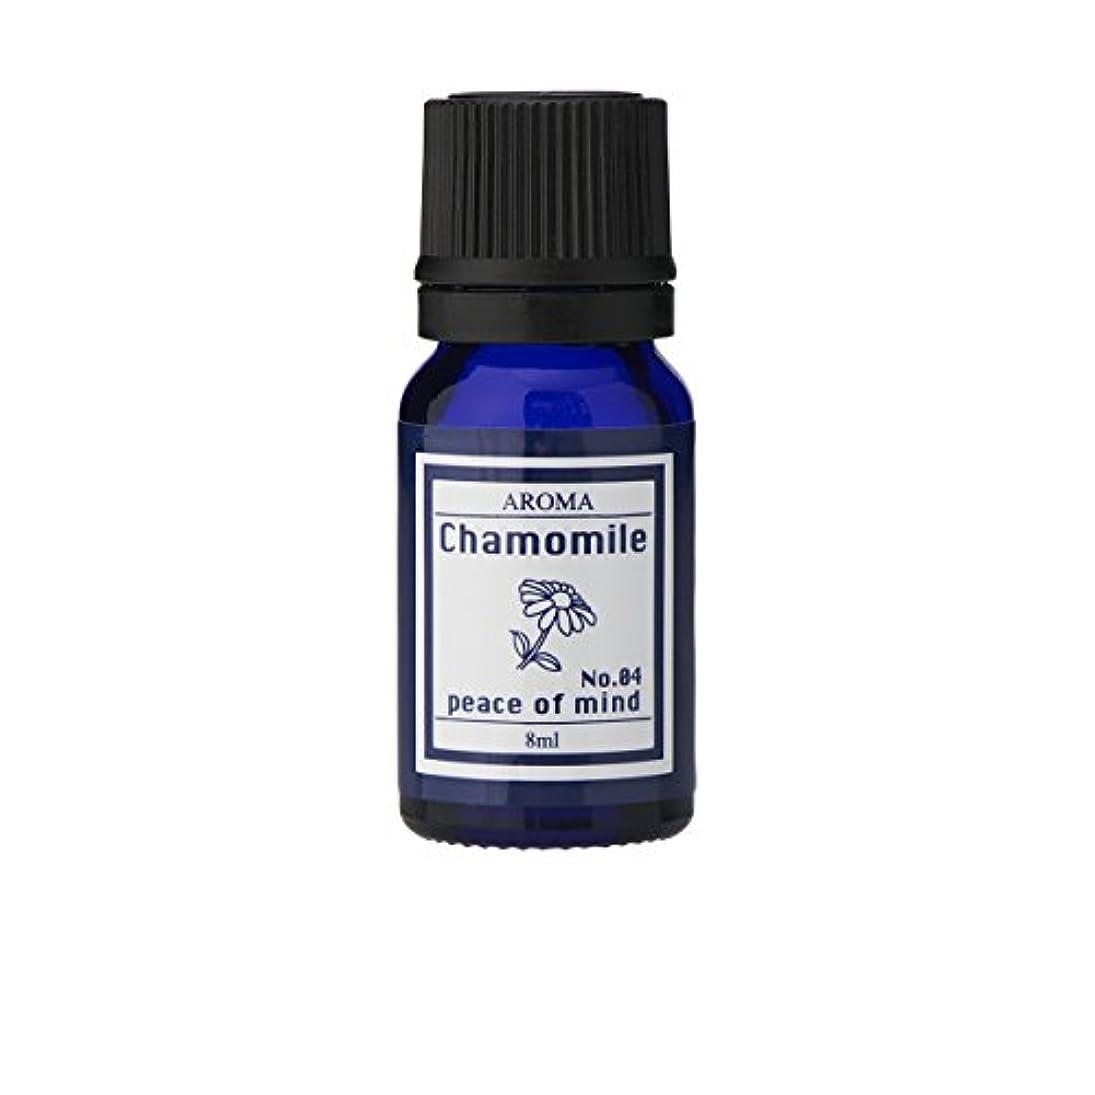 コメント人工的なオーナメントブルーラベル アロマエッセンス8ml カモマイル(アロマオイル 調合香料 芳香用)